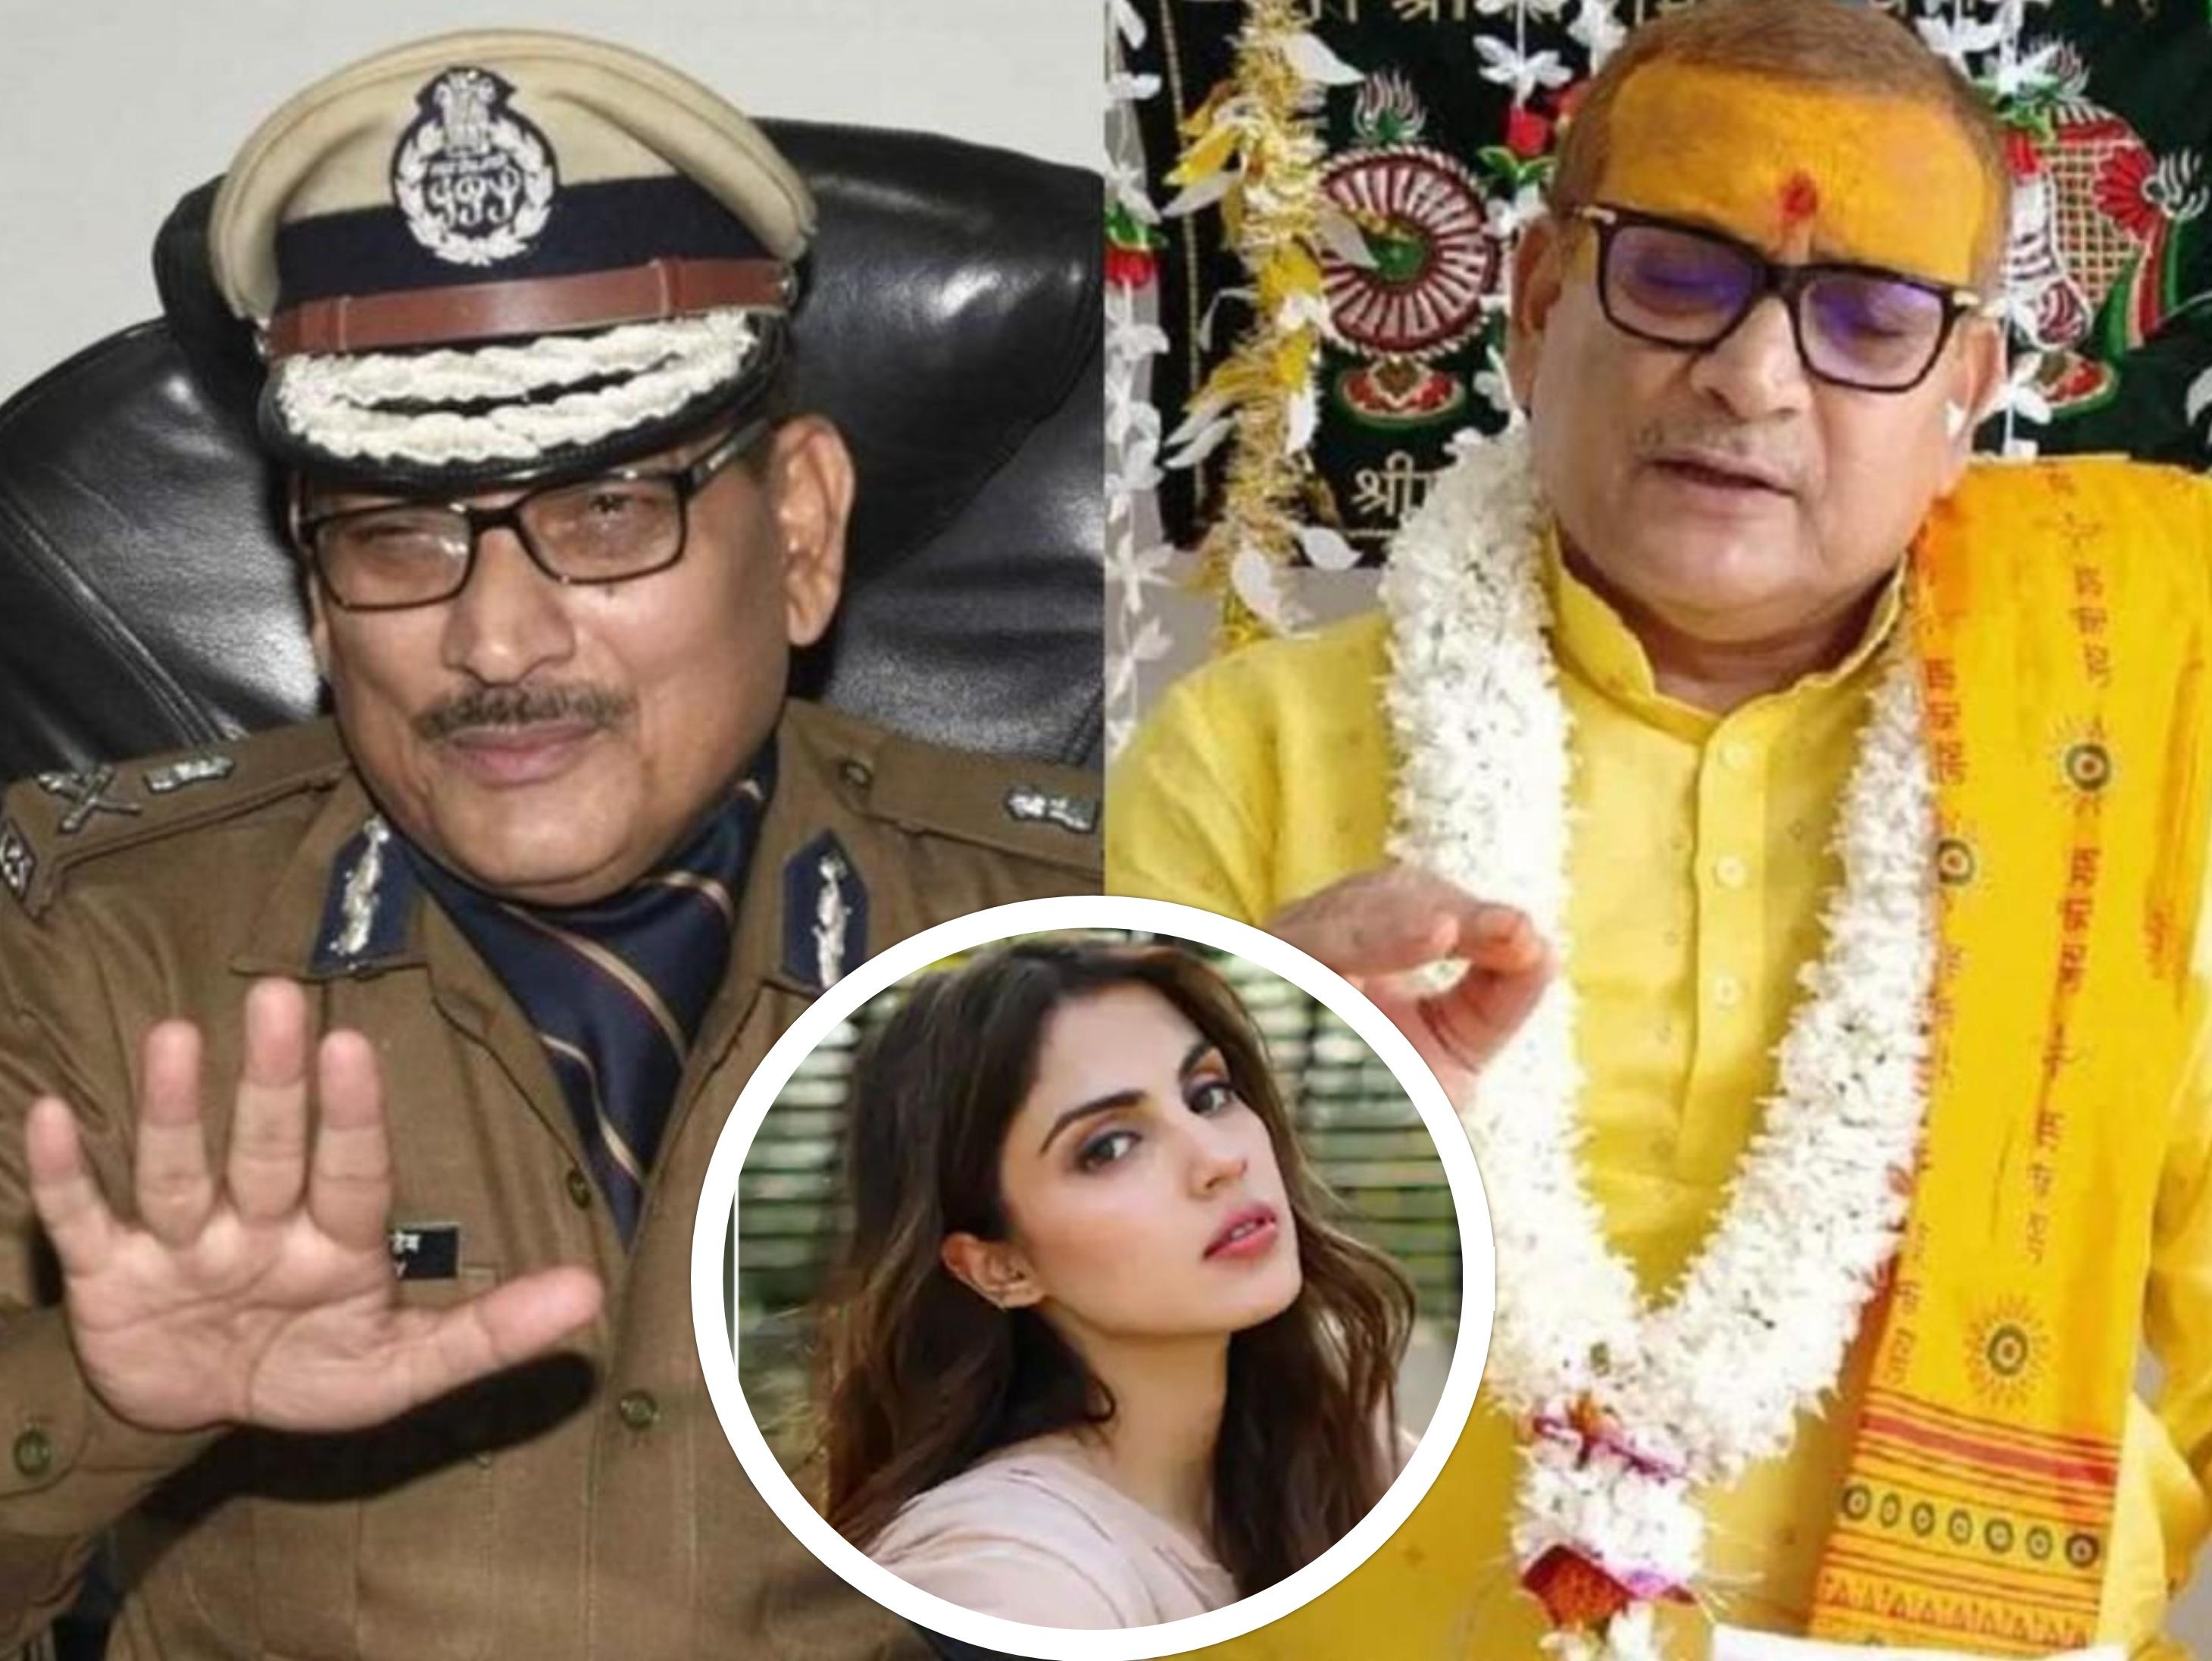 अयोध्या में कथावाचन कर रहे गुप्तेश्वर पांडेय बोले- रिया चक्रवर्ती पर किए औकात वाले कमेंट पर खेद है बॉलीवुड,Bollywood - Dainik Bhaskar